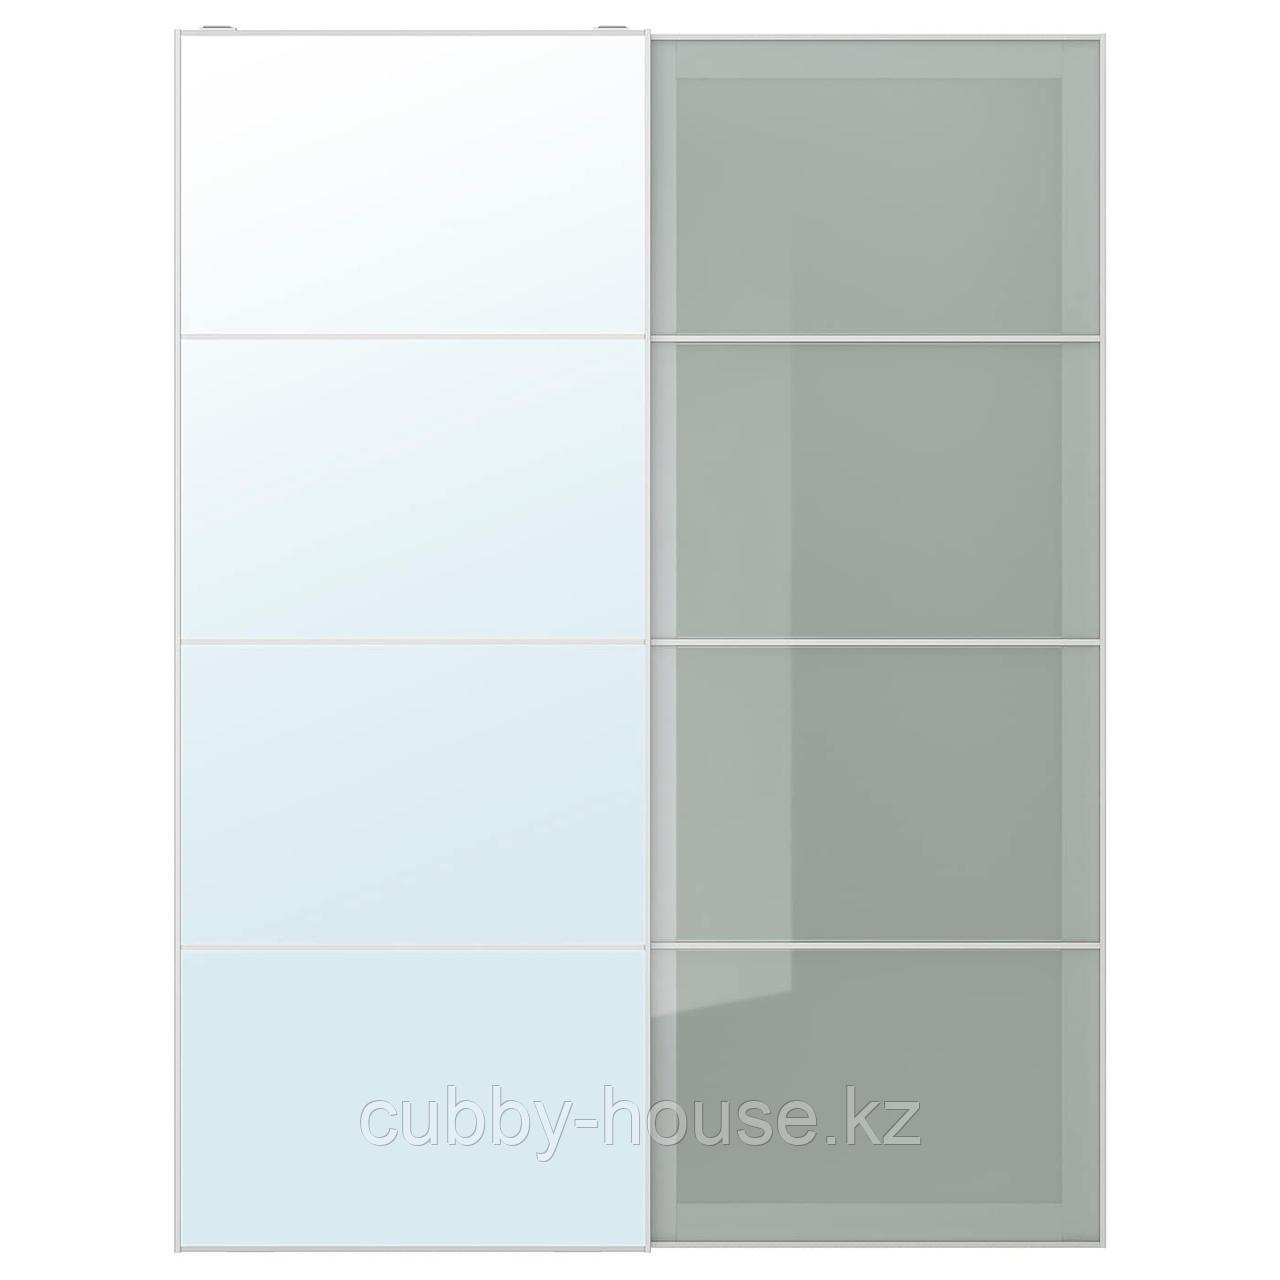 АУЛИ / СЭККЕН Пара раздвижных дверей, зеркальное стекло, матовое стекло, 150x236 см